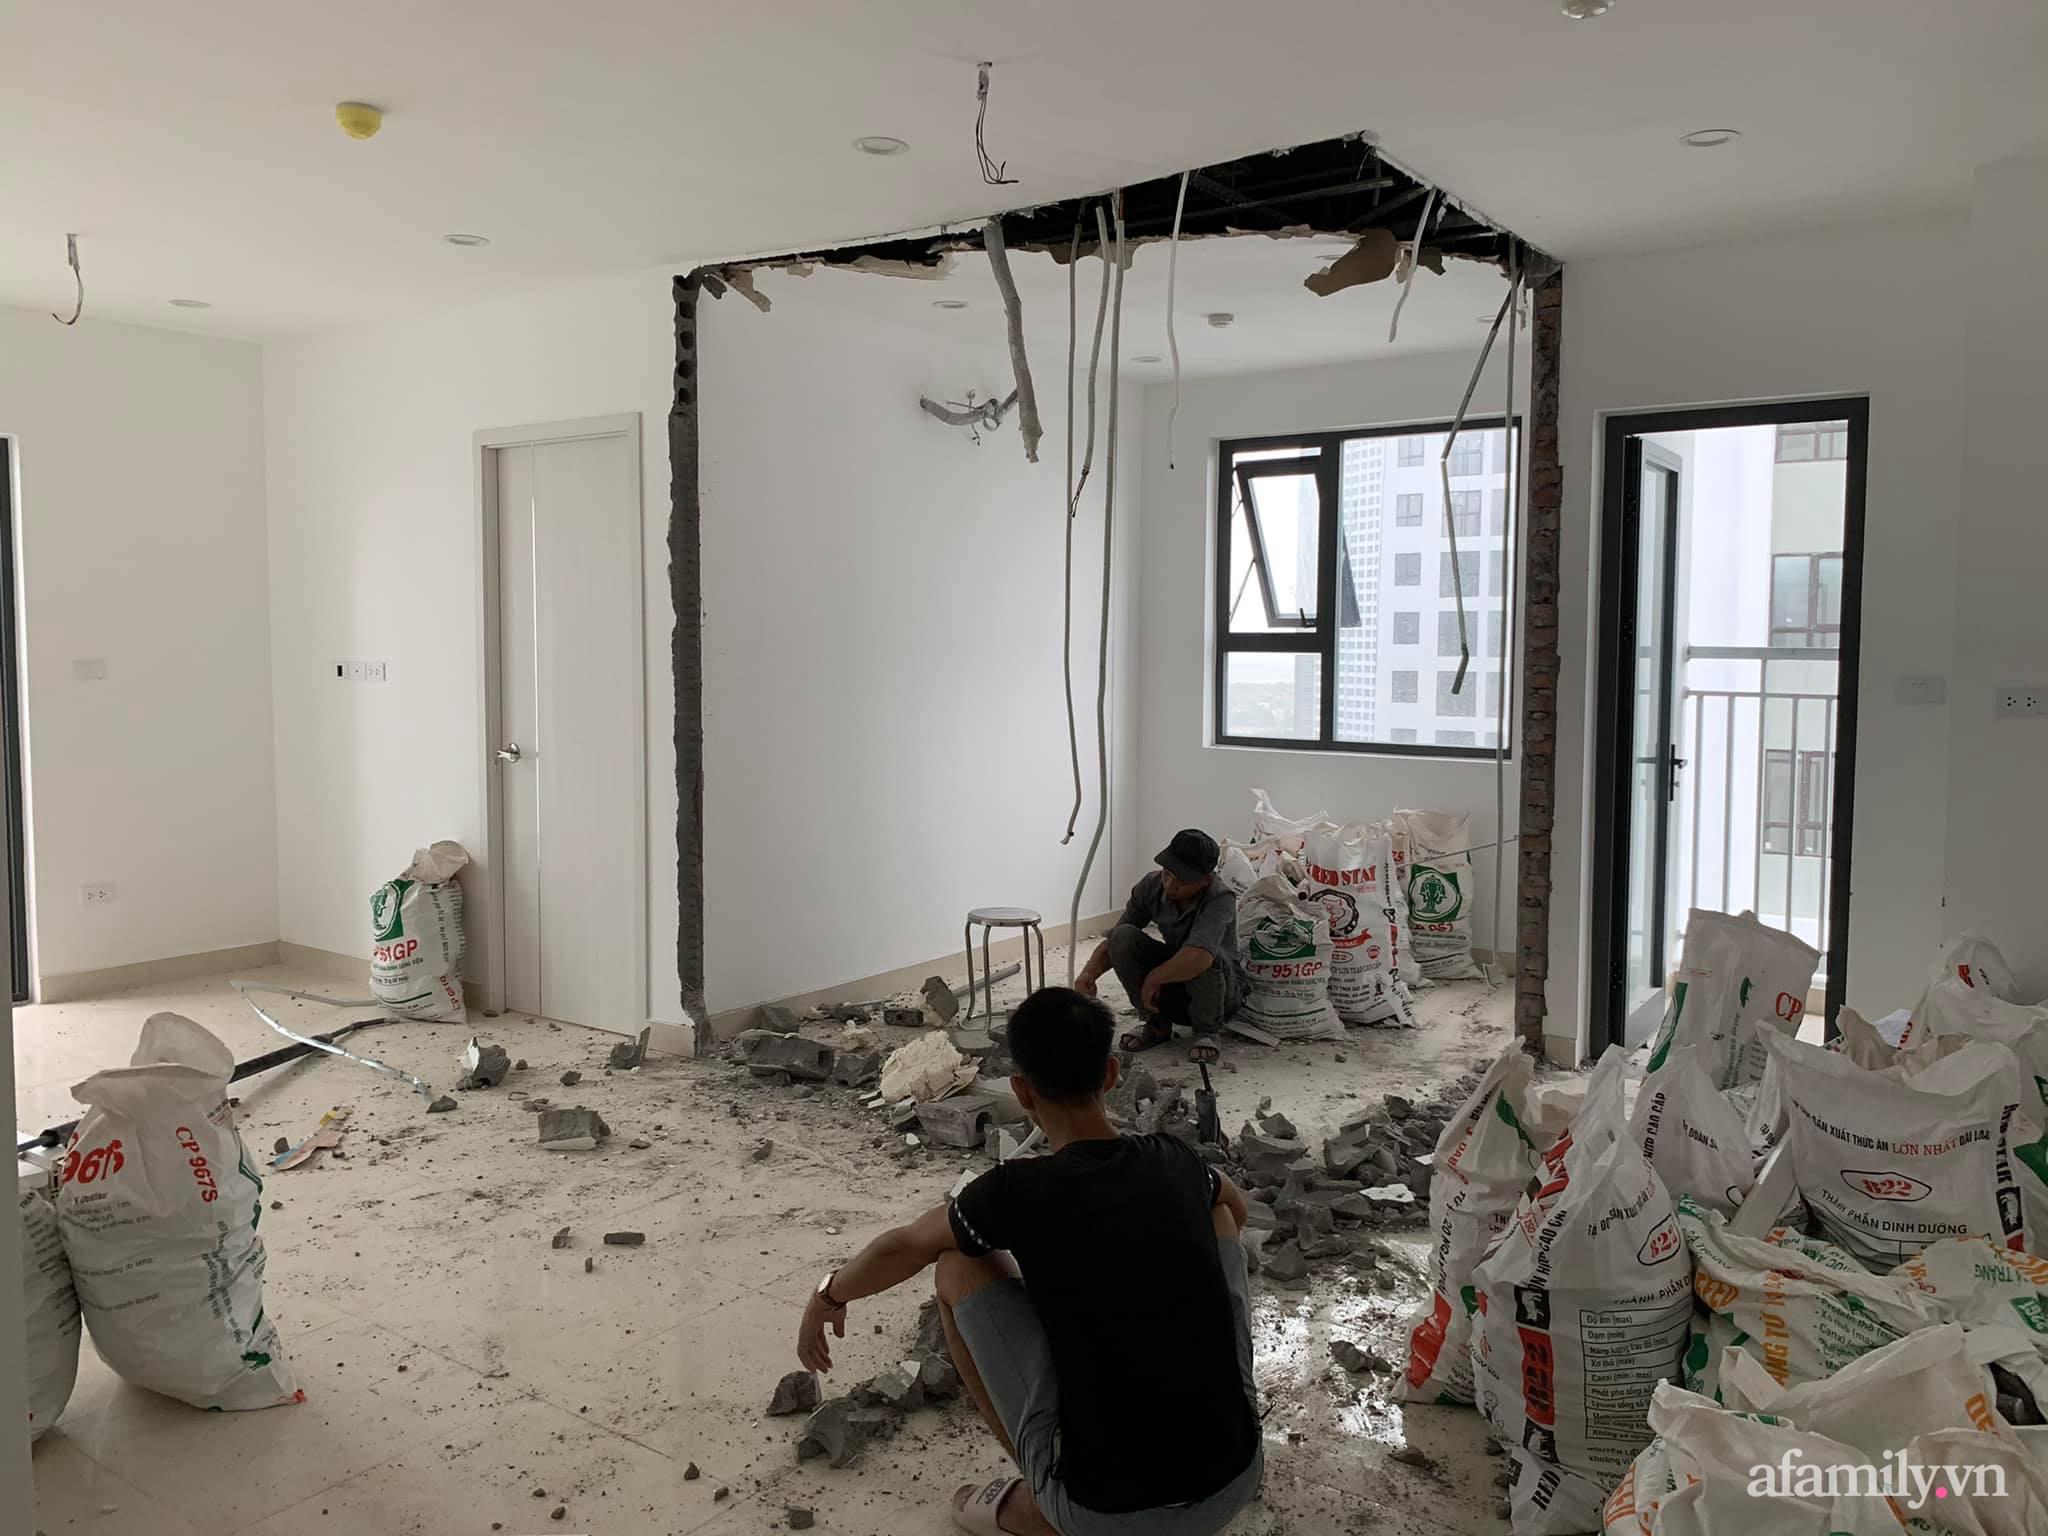 Nhà ở xã hội 69m² siêu ấm áp và tiện ích có chi phí cải tạo 200 triệu đồng của cặp vợ chồng 9X ở Từ Liêm, Hà Nội - Ảnh 3.